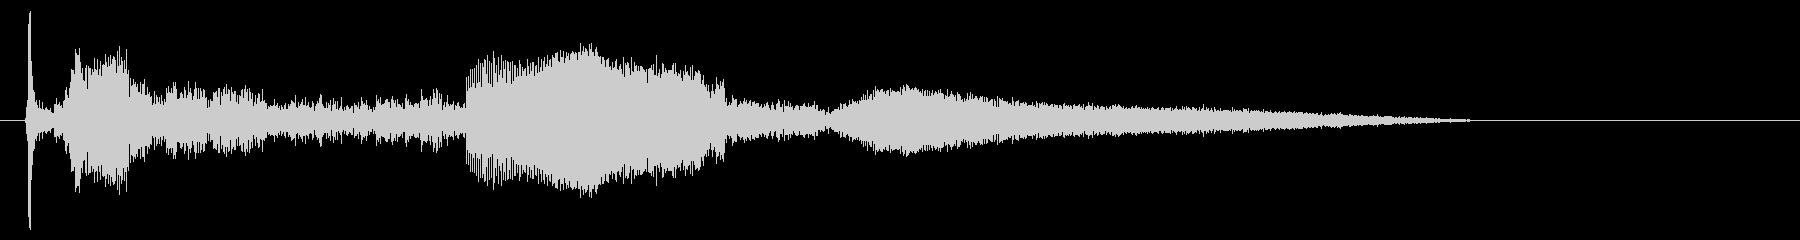 ジープ;スタート/アウェイ;滑らか...の未再生の波形